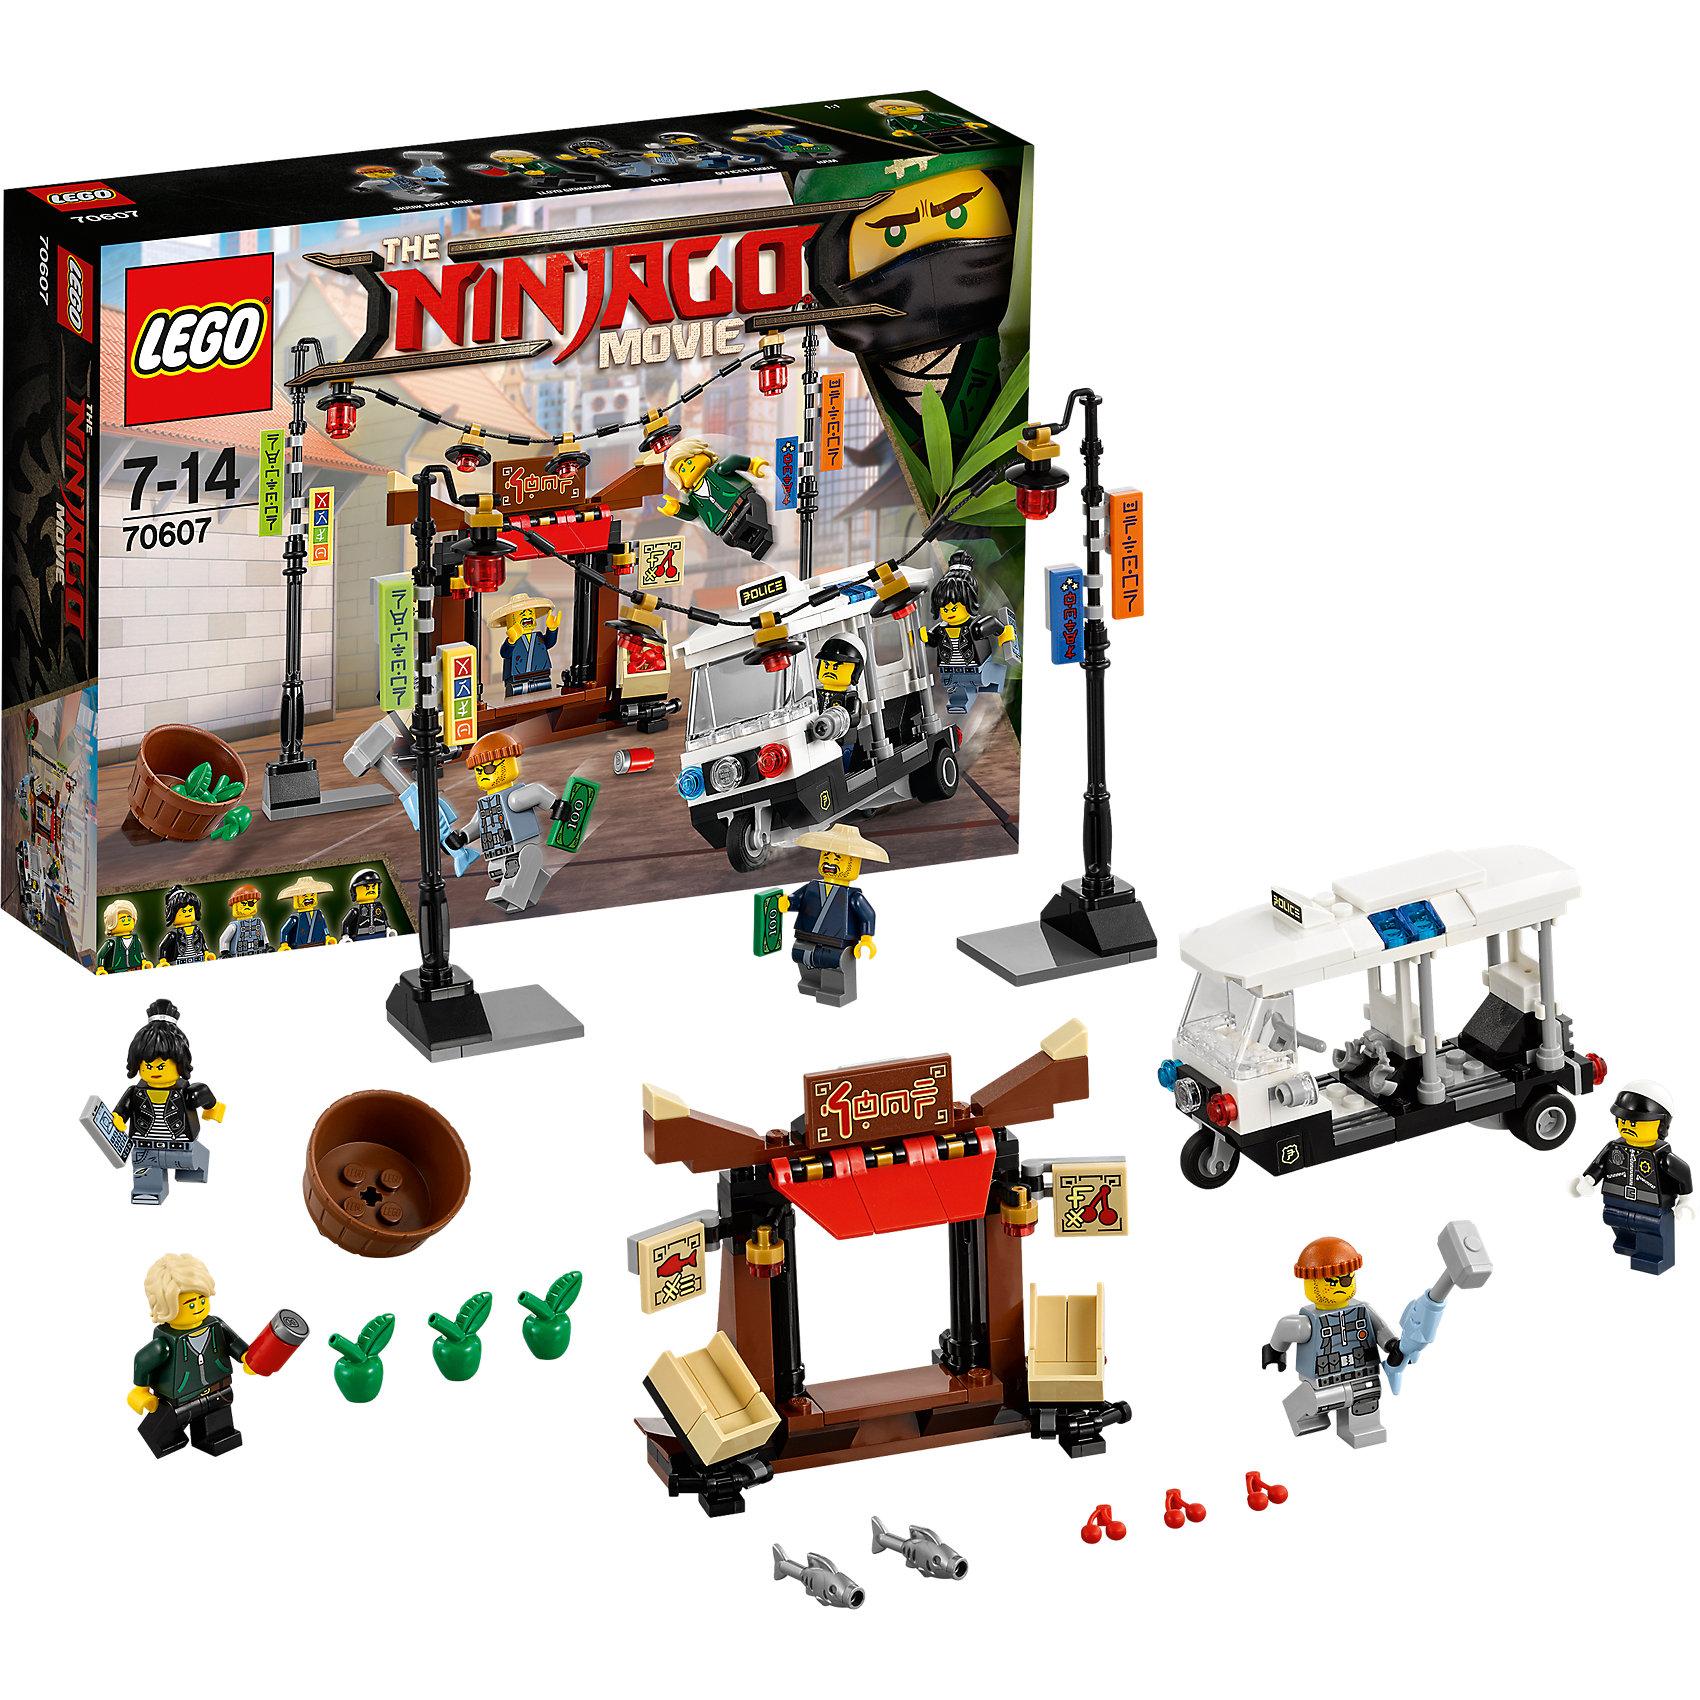 LEGO NINJAGO 70607: Ограбление киоска в Ниндзяго СитиКонструкторы Лего<br>Характеристики товара: <br><br>• возраст: от 7 лет;<br>• материал: пластик;<br>• в комплекте: 233 детали, 5 минифигурок;<br>• размер упаковки: 26,2х19,1х6,1 см;<br>• вес упаковки: 300 гр.;<br>• страна производитель: Чехия.<br><br>Конструктор Lego Ninjago «Ограбление киоска в Ниндзяго Сити» создан по мотивам нового фильма «Лего-фильм: Ниндзяго», где отважным воинам ниндзя противостоит грозный Гармадон. На торговца Хэма напал один из грабителей акульей армии. На помощь ему приходят отважные Ллойд и Ния, которые сначала задержали грабителя, а затем вызвали полицию. Из деталей собираются киоск и полицейская машина.<br><br>Конструктор Lego Ninjago «Ограбление киоска в Ниндзяго Сити» можно приобрести в нашем интернет-магазине.<br><br>Ширина мм: 263<br>Глубина мм: 192<br>Высота мм: 66<br>Вес г: 311<br>Возраст от месяцев: 84<br>Возраст до месяцев: 168<br>Пол: Мужской<br>Возраст: Детский<br>SKU: 5620003